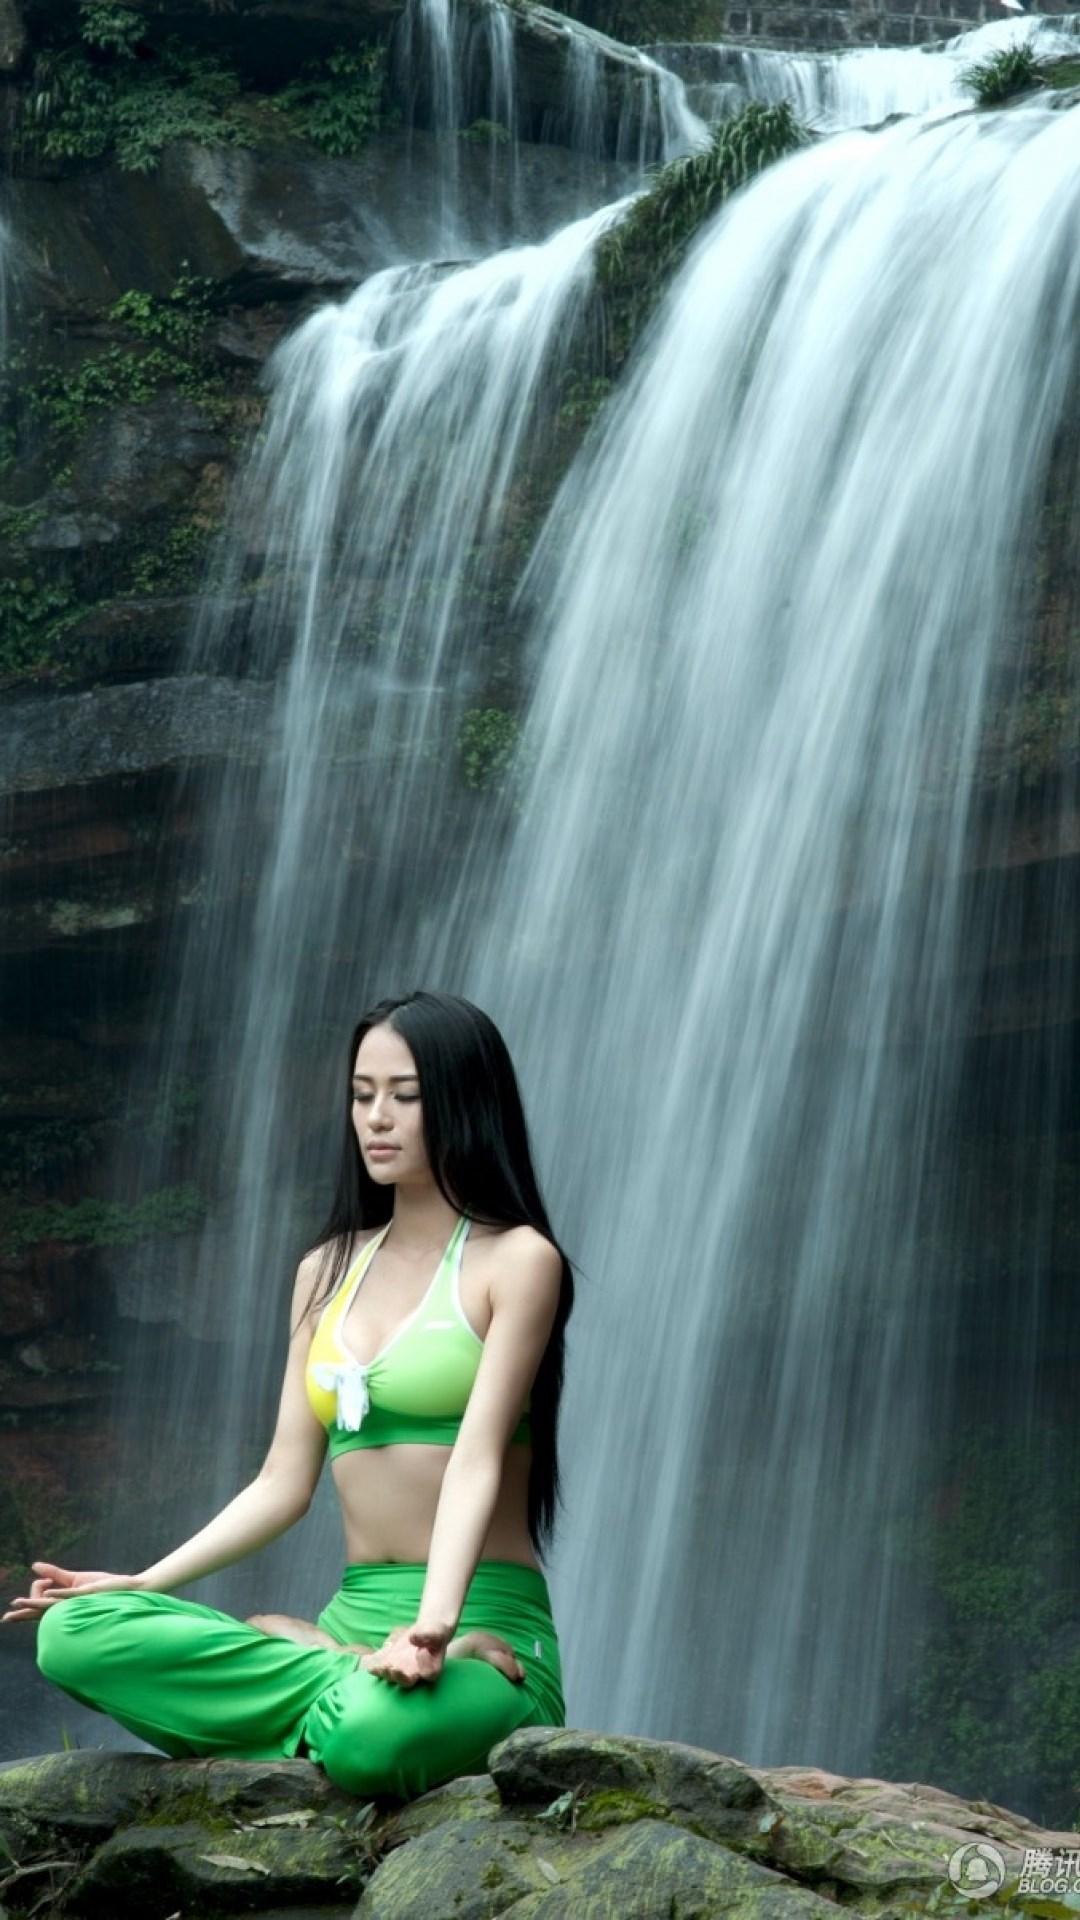 iphone6plus美女绿色壁纸_iphone6plus美女绿色壁纸